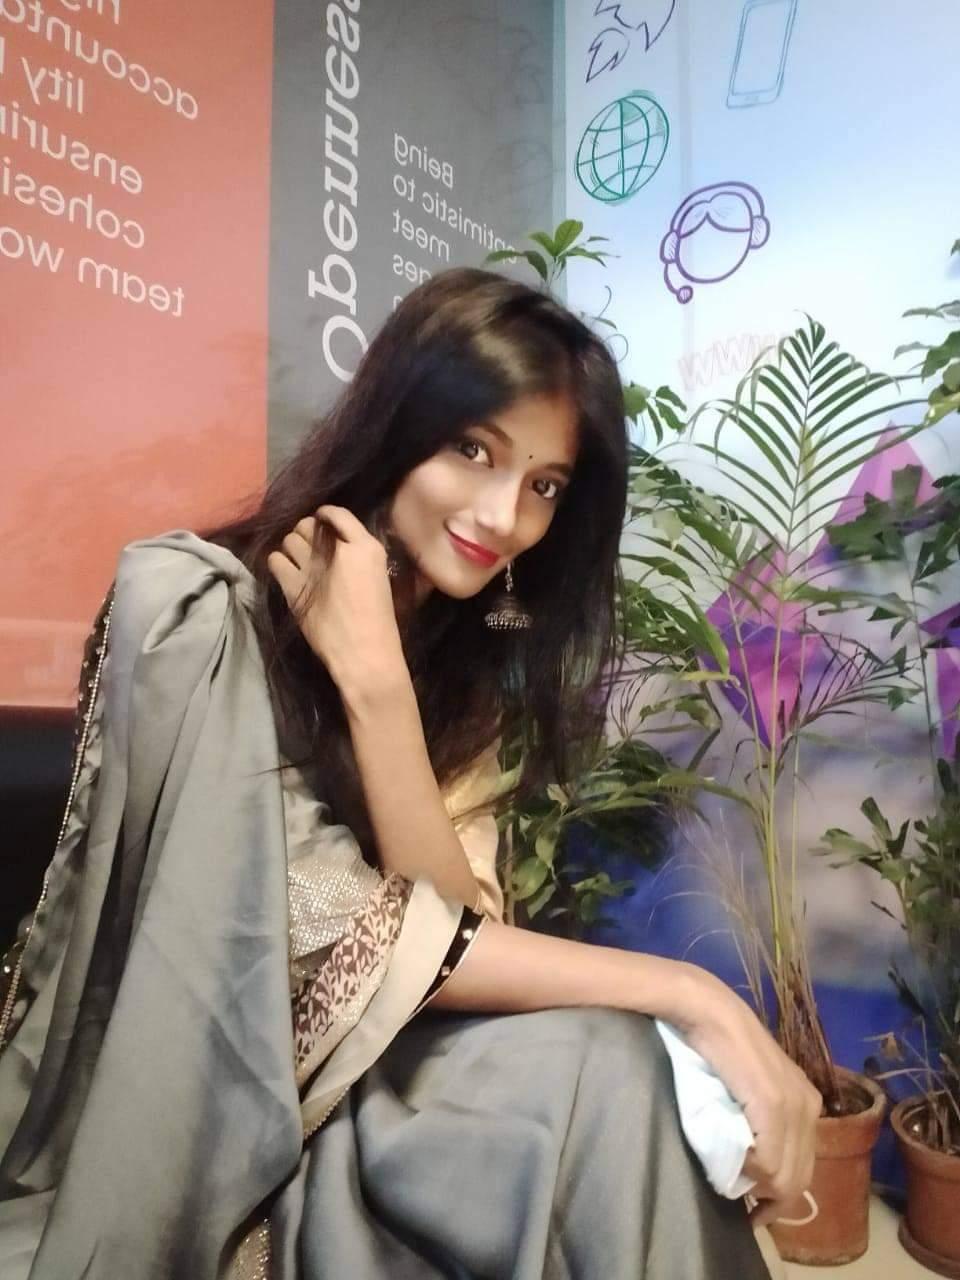 Mithila Ahmed